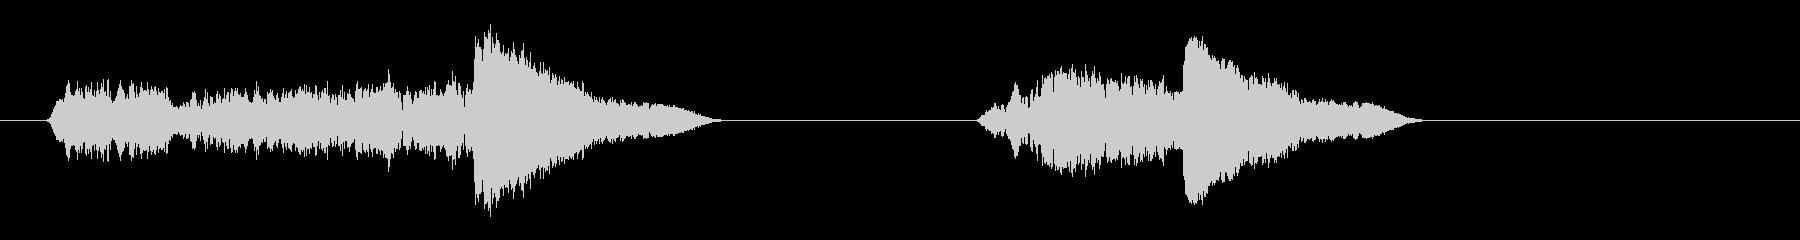 ホイッスル-落下-2バージョンの未再生の波形